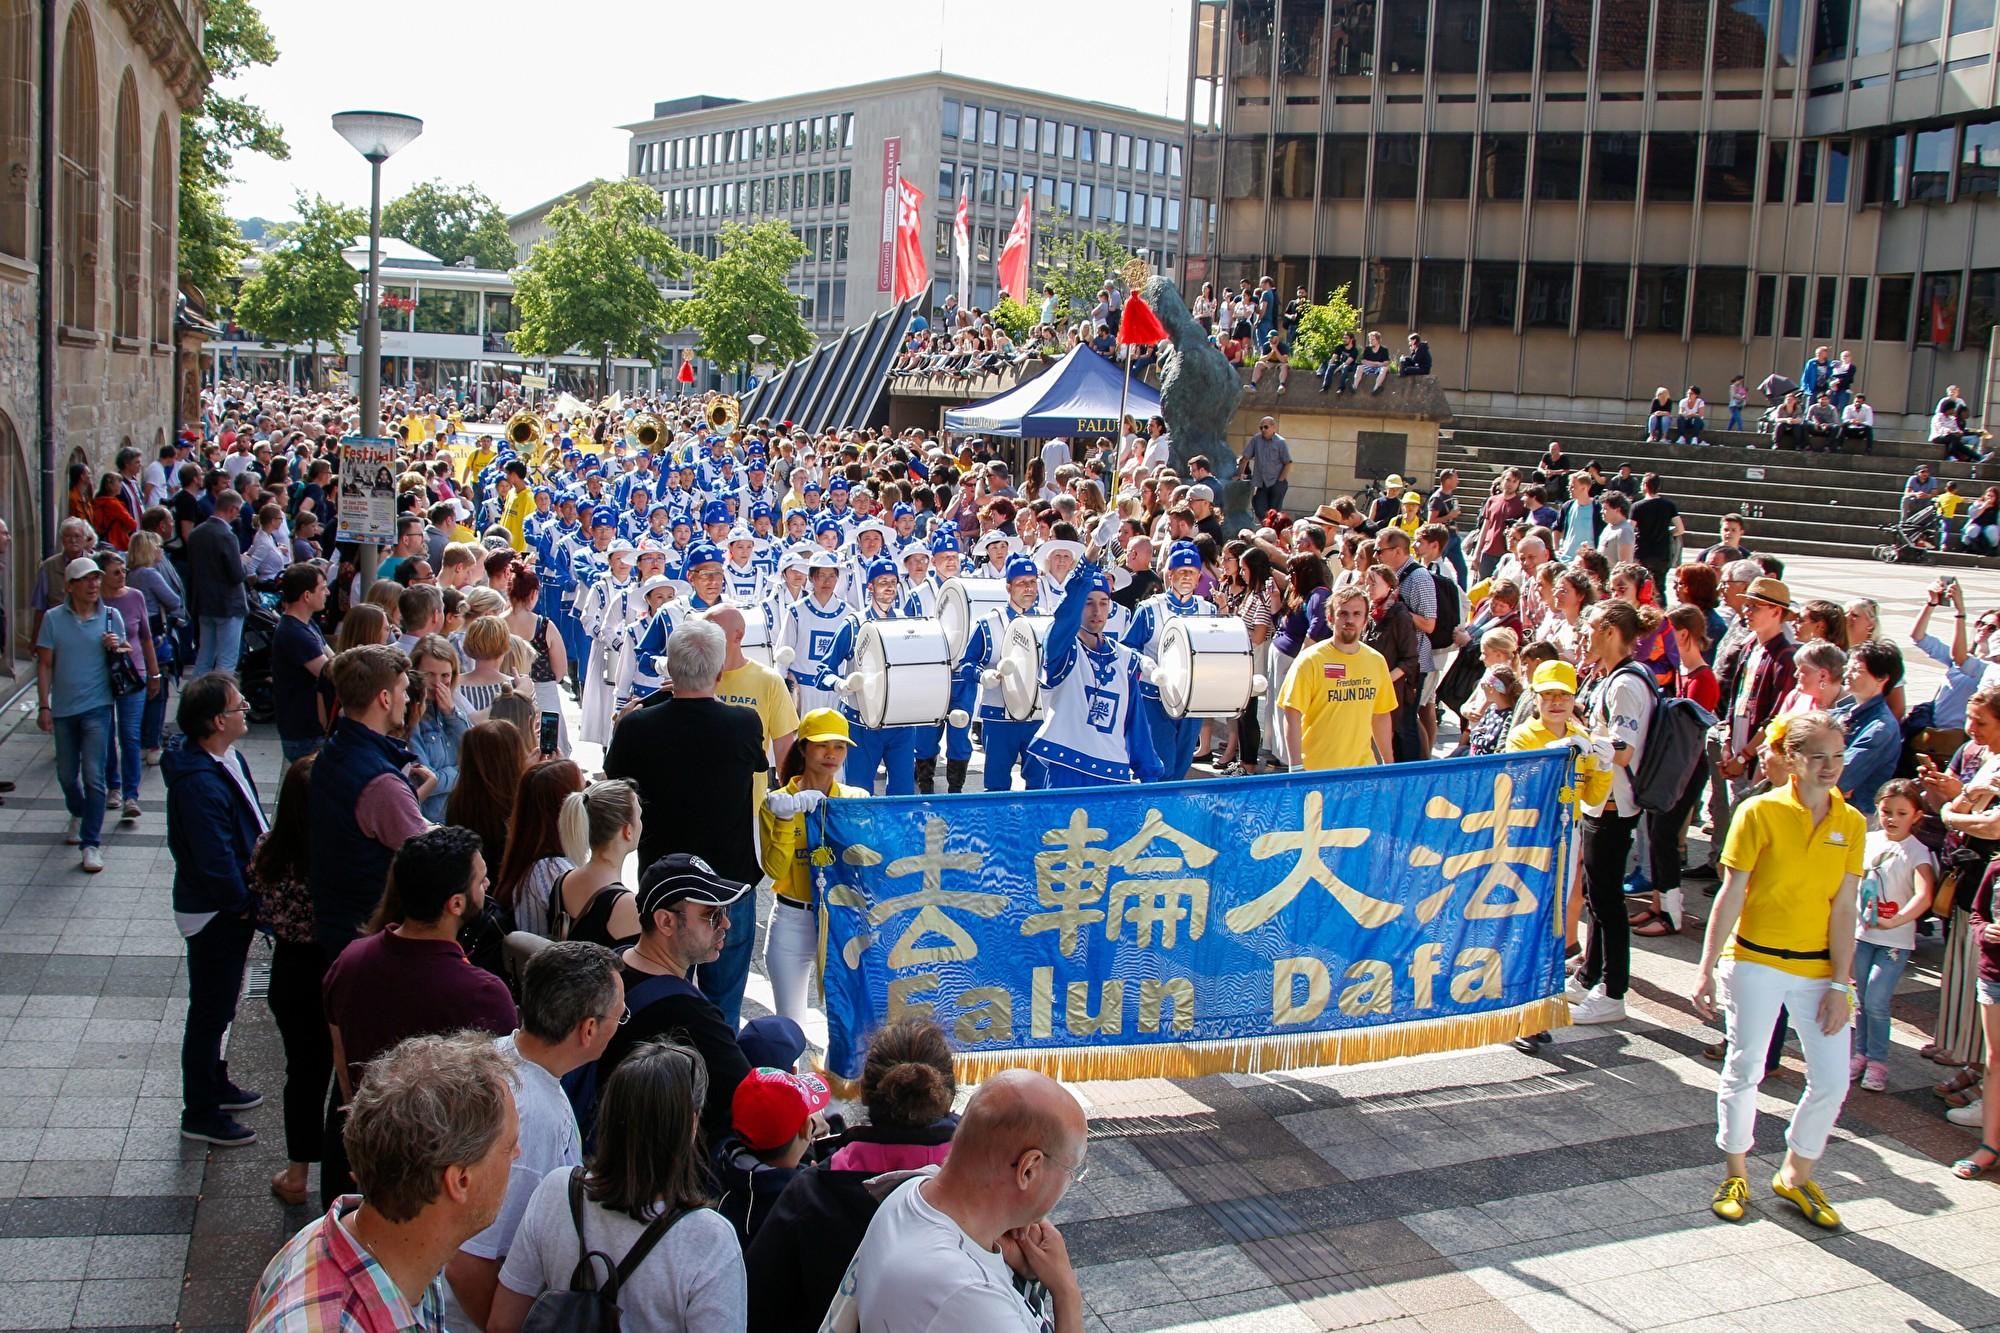 德國夏日文化嘉年華 天國樂團演奏獲讚